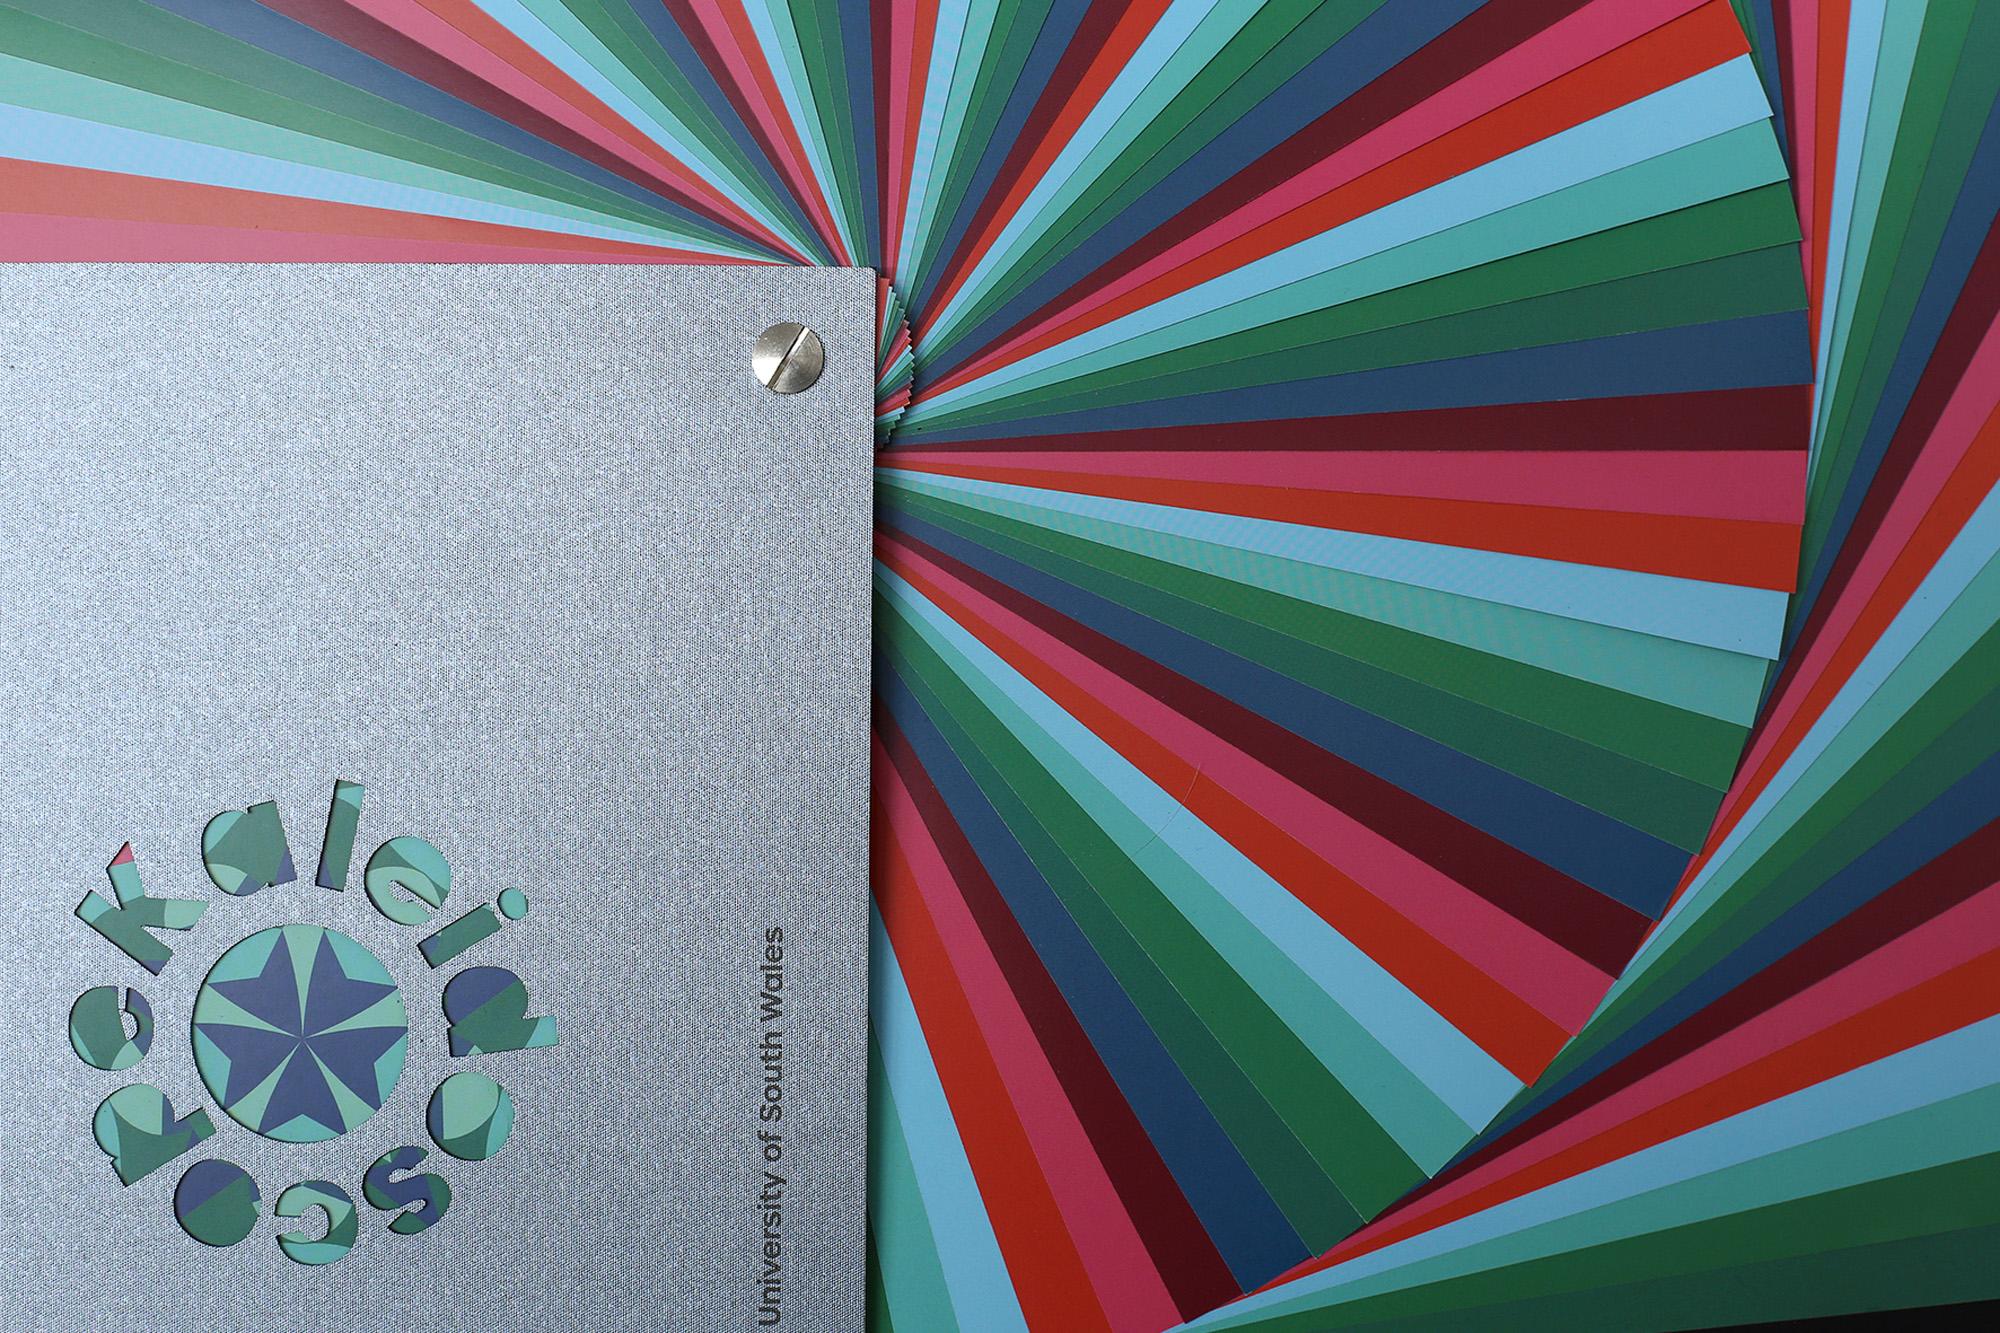 Kaleidoscope-IX